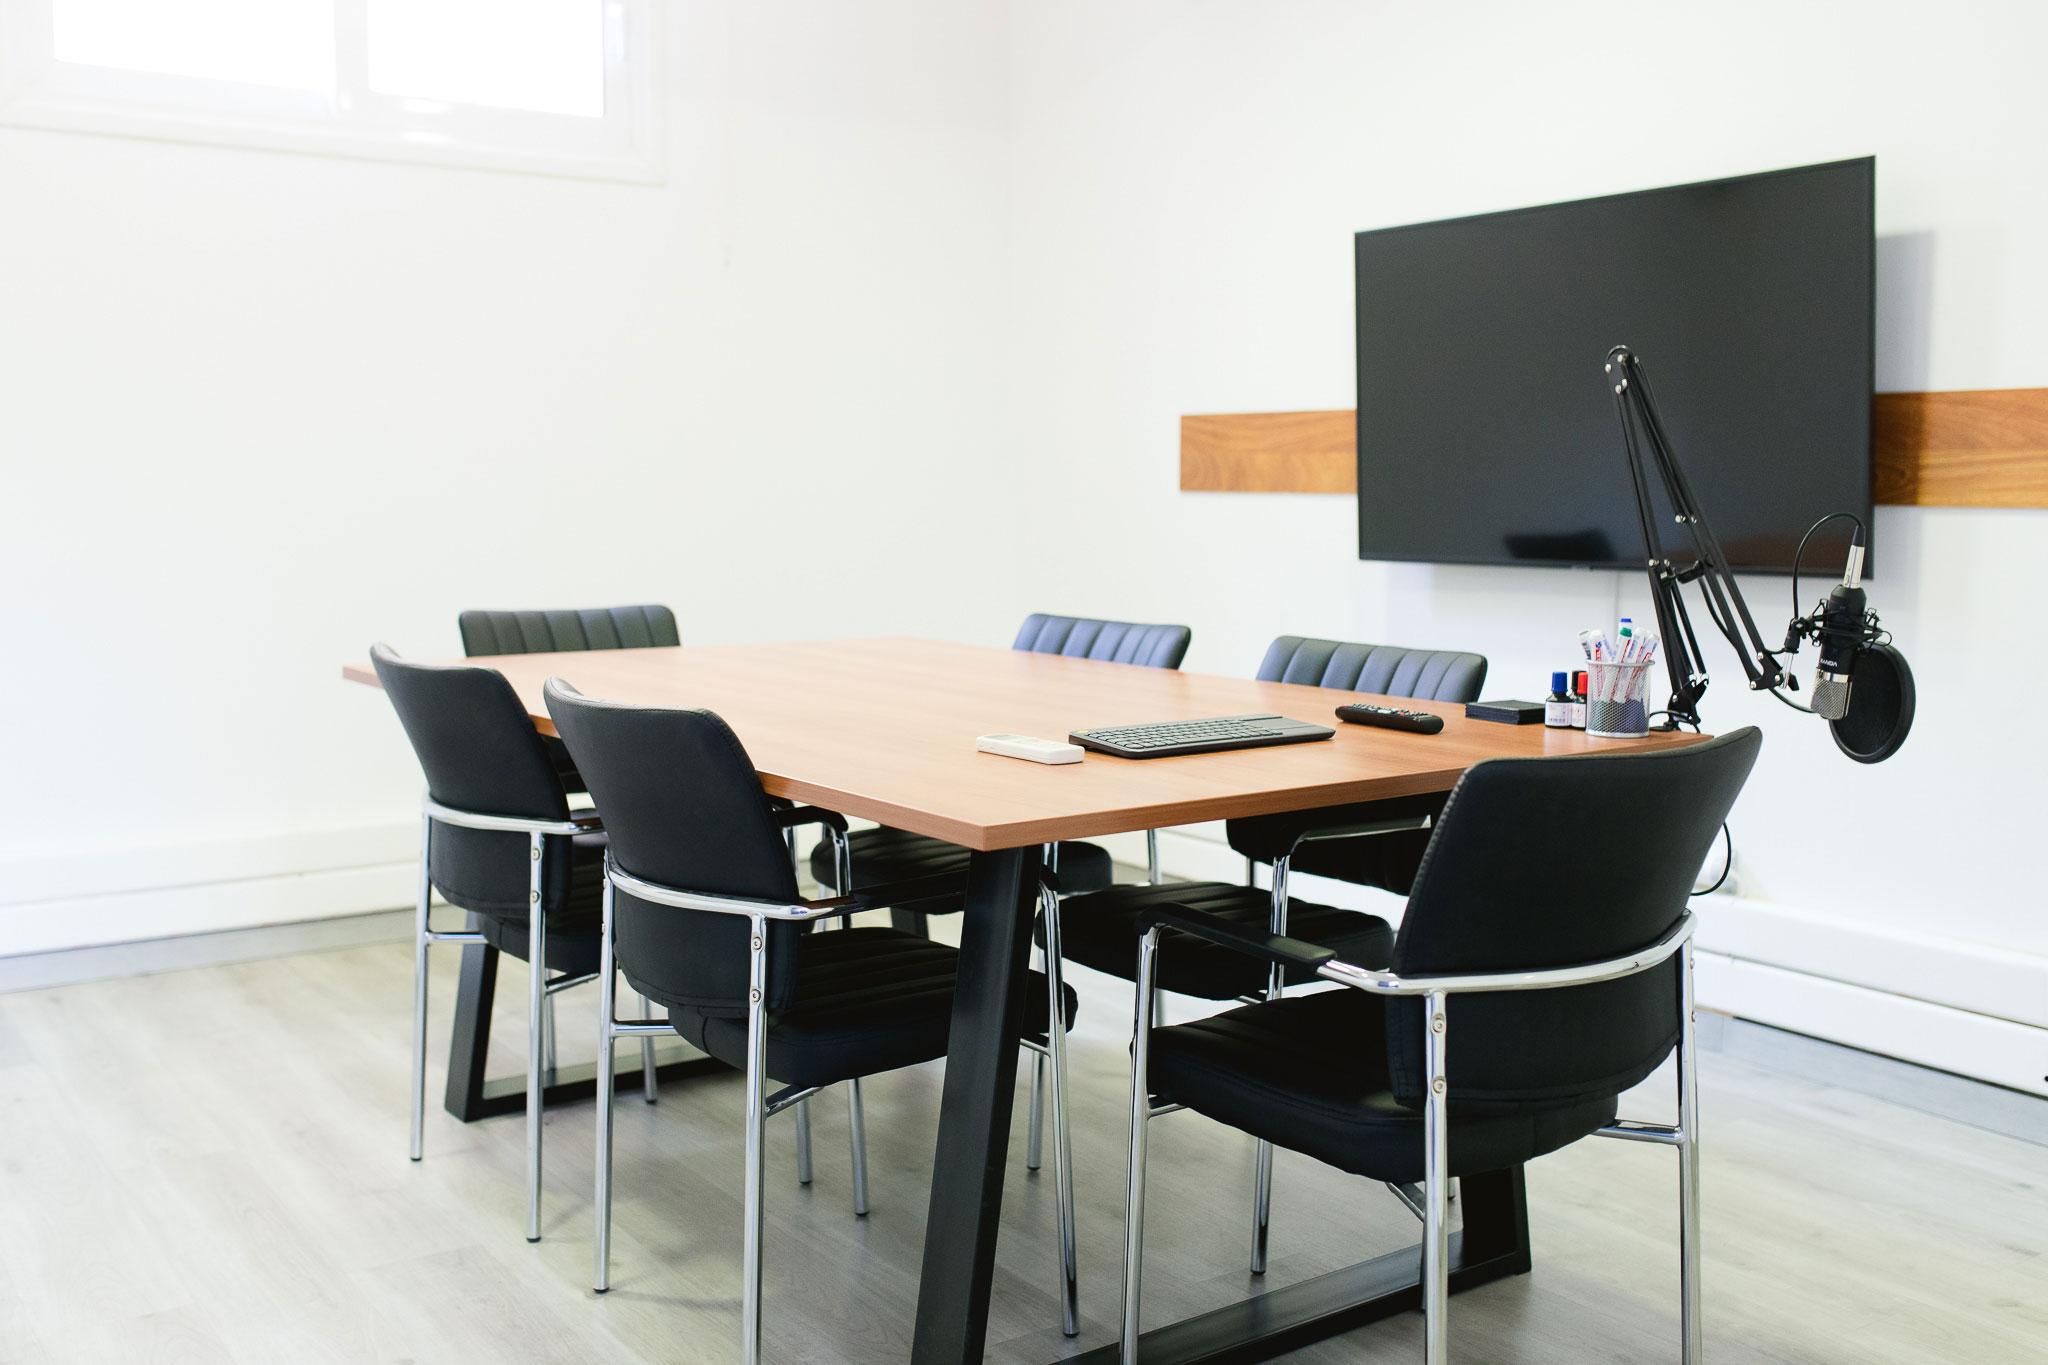 Disolt Meeting Room - Κατασκευή e-Shop